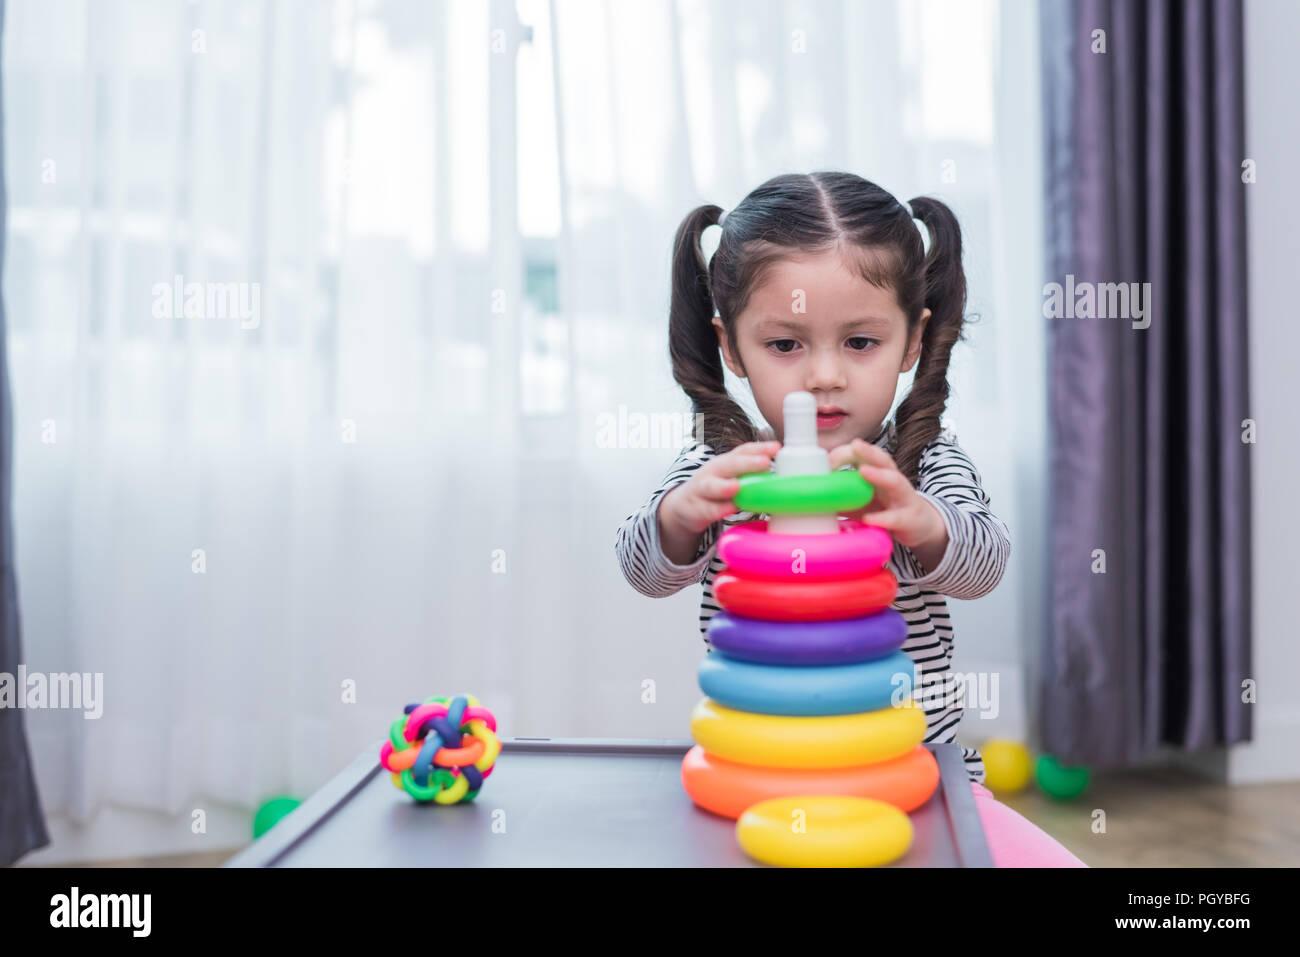 Kleine Mädchen spielen kleines Spielzeug Bänder in Home